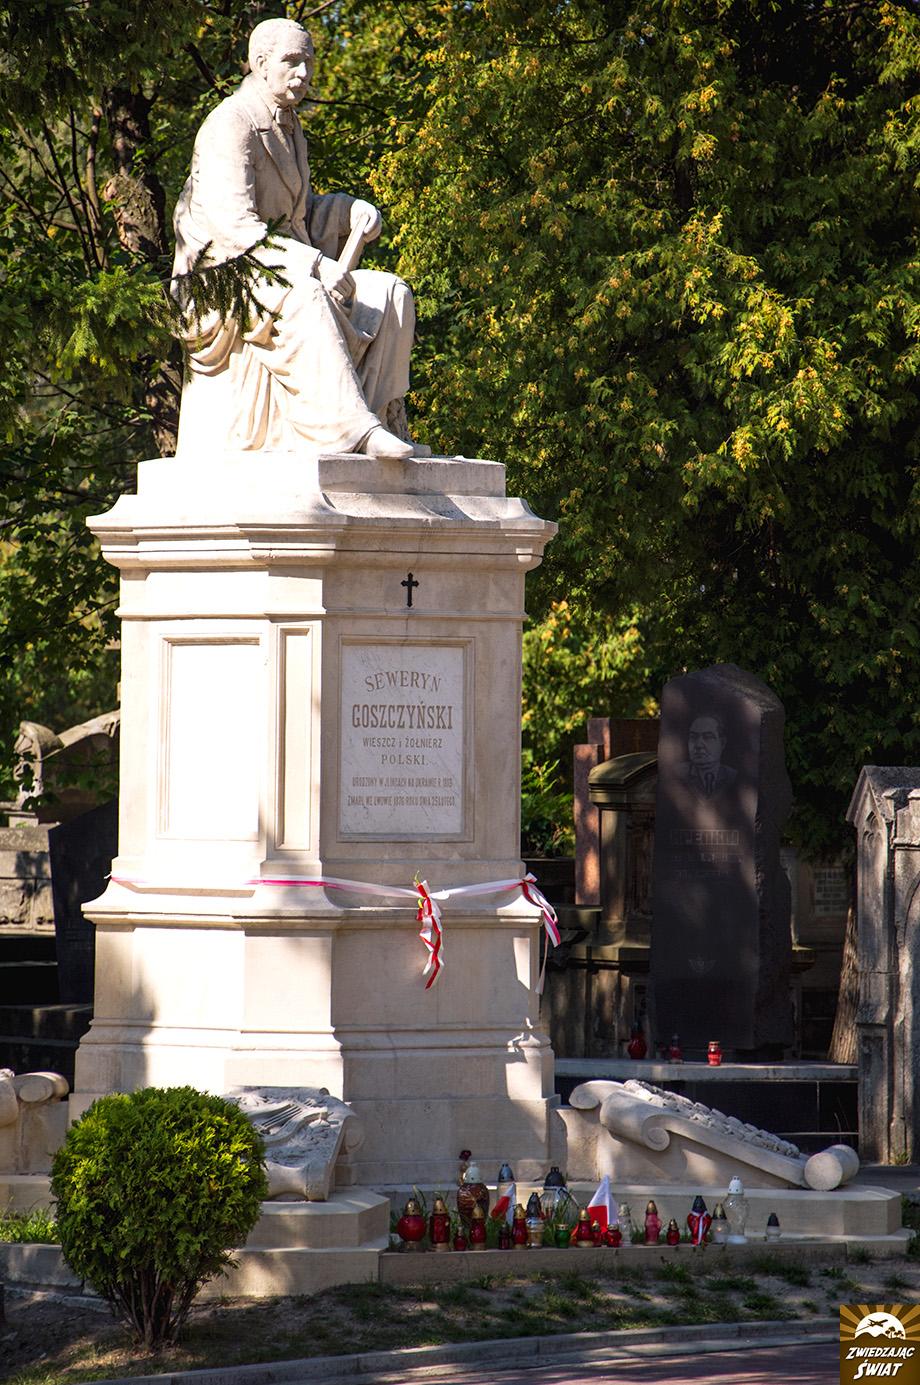 miejsce pochówku Seweryna Goszczyńskiego, XIX-wiecznego poety i działacza politycznego